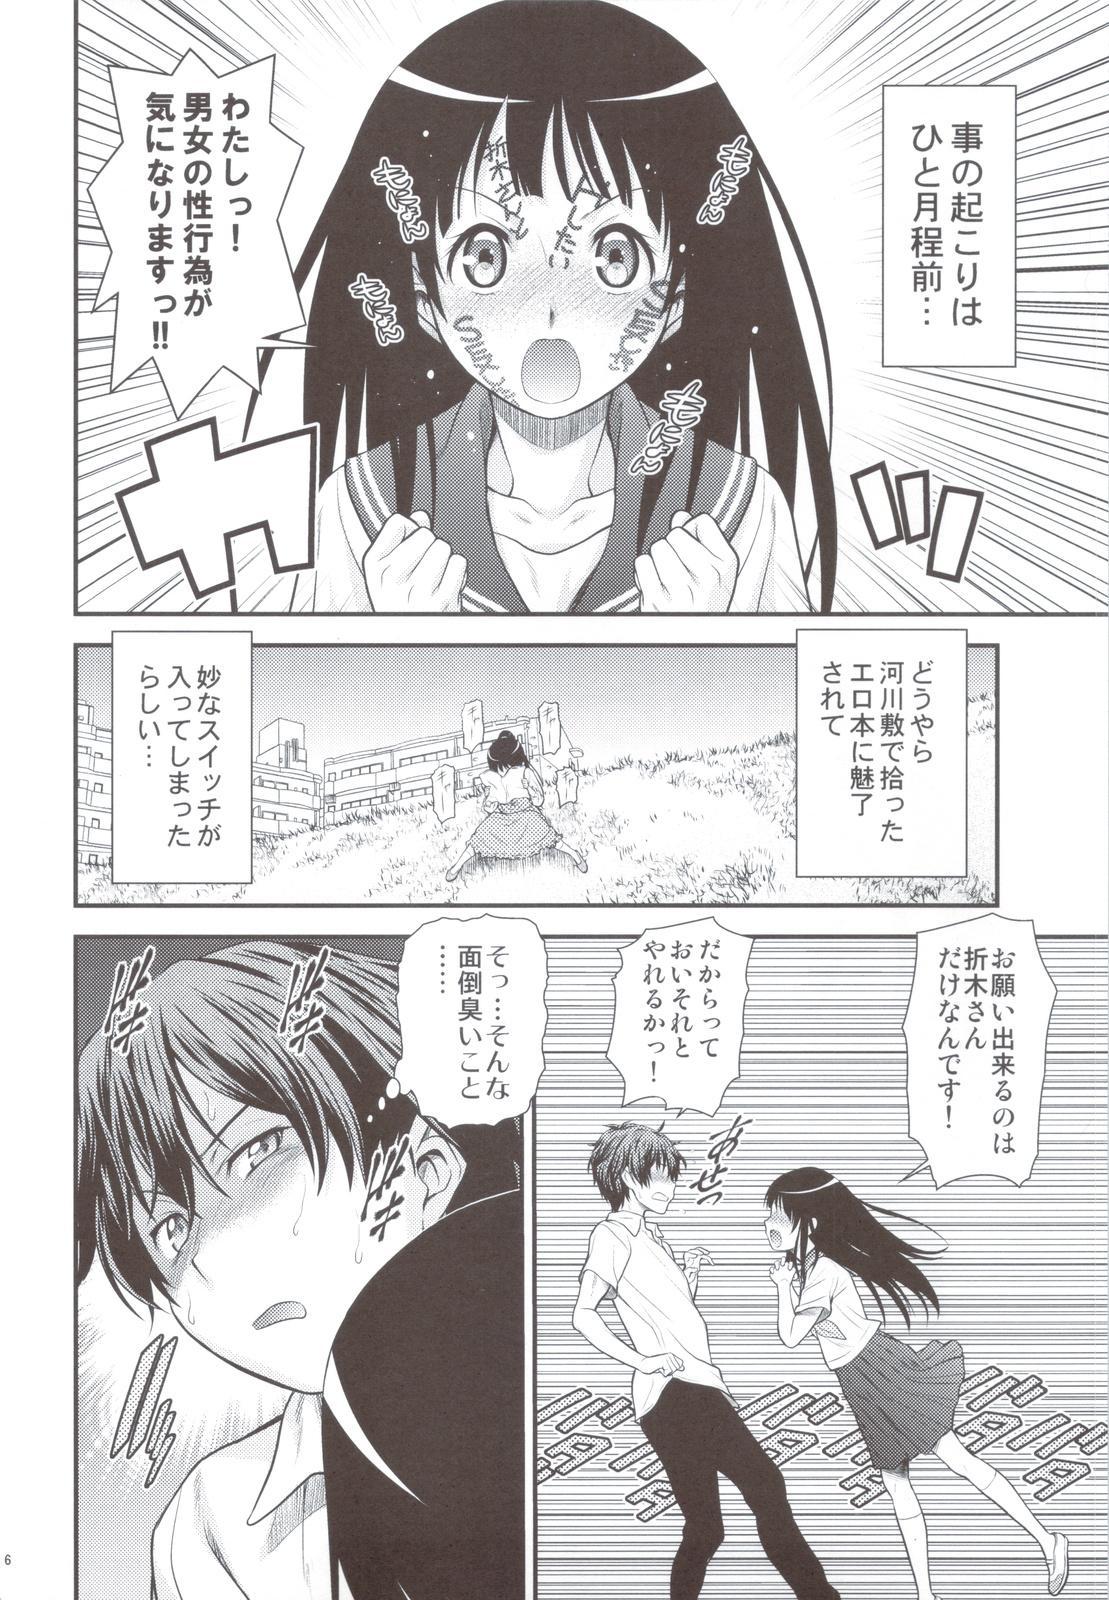 Kininaru Mono wa Shouganai 4